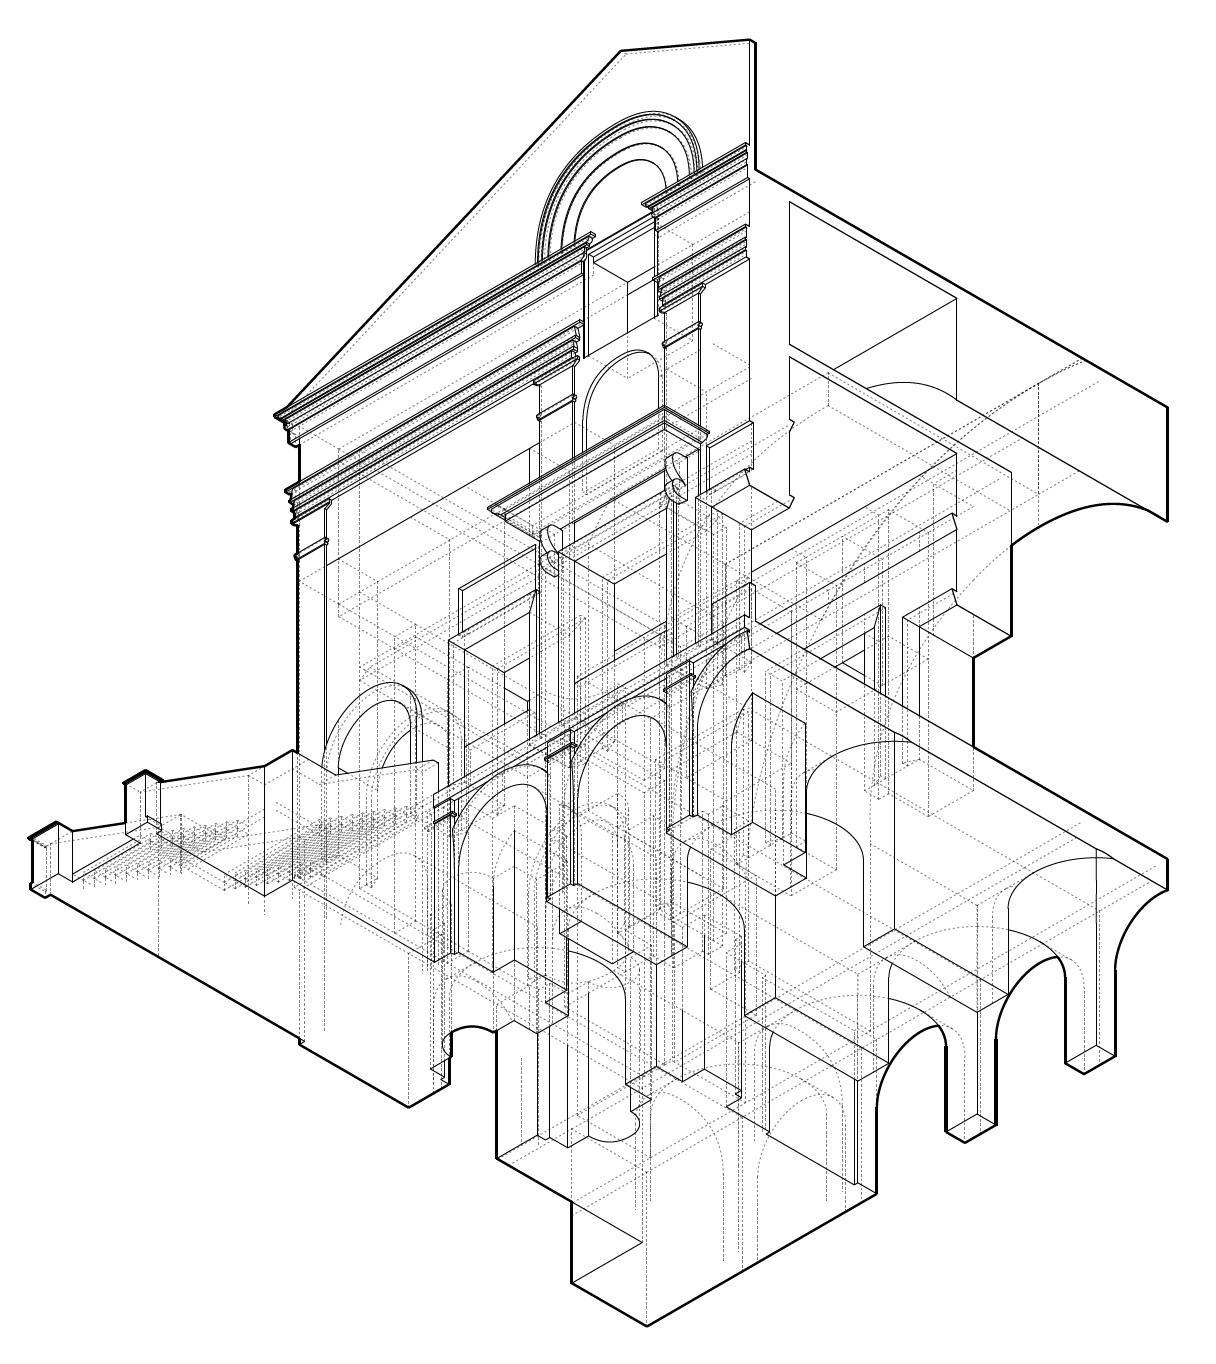 Historical Precedent: Threshold Study of Chiesa di San Sabastiano by Leon Battista Alberti